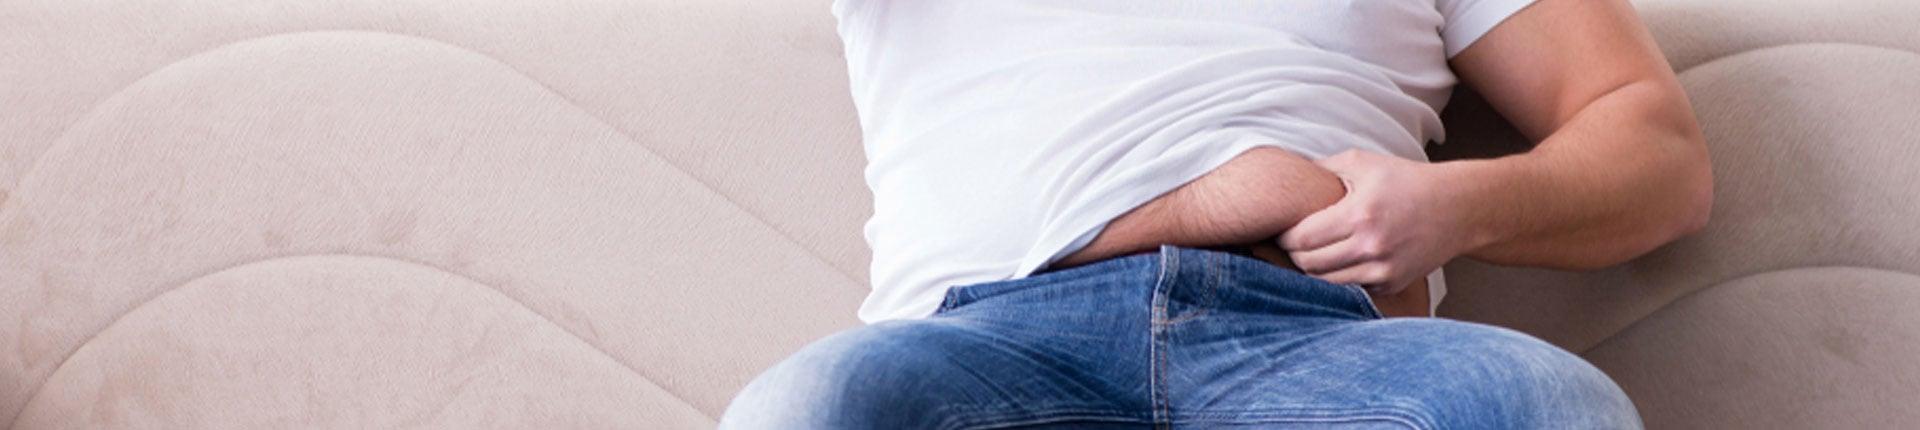 Nie możesz schudnąć? Kortyzol a tkanka tłuszczowa i tycie